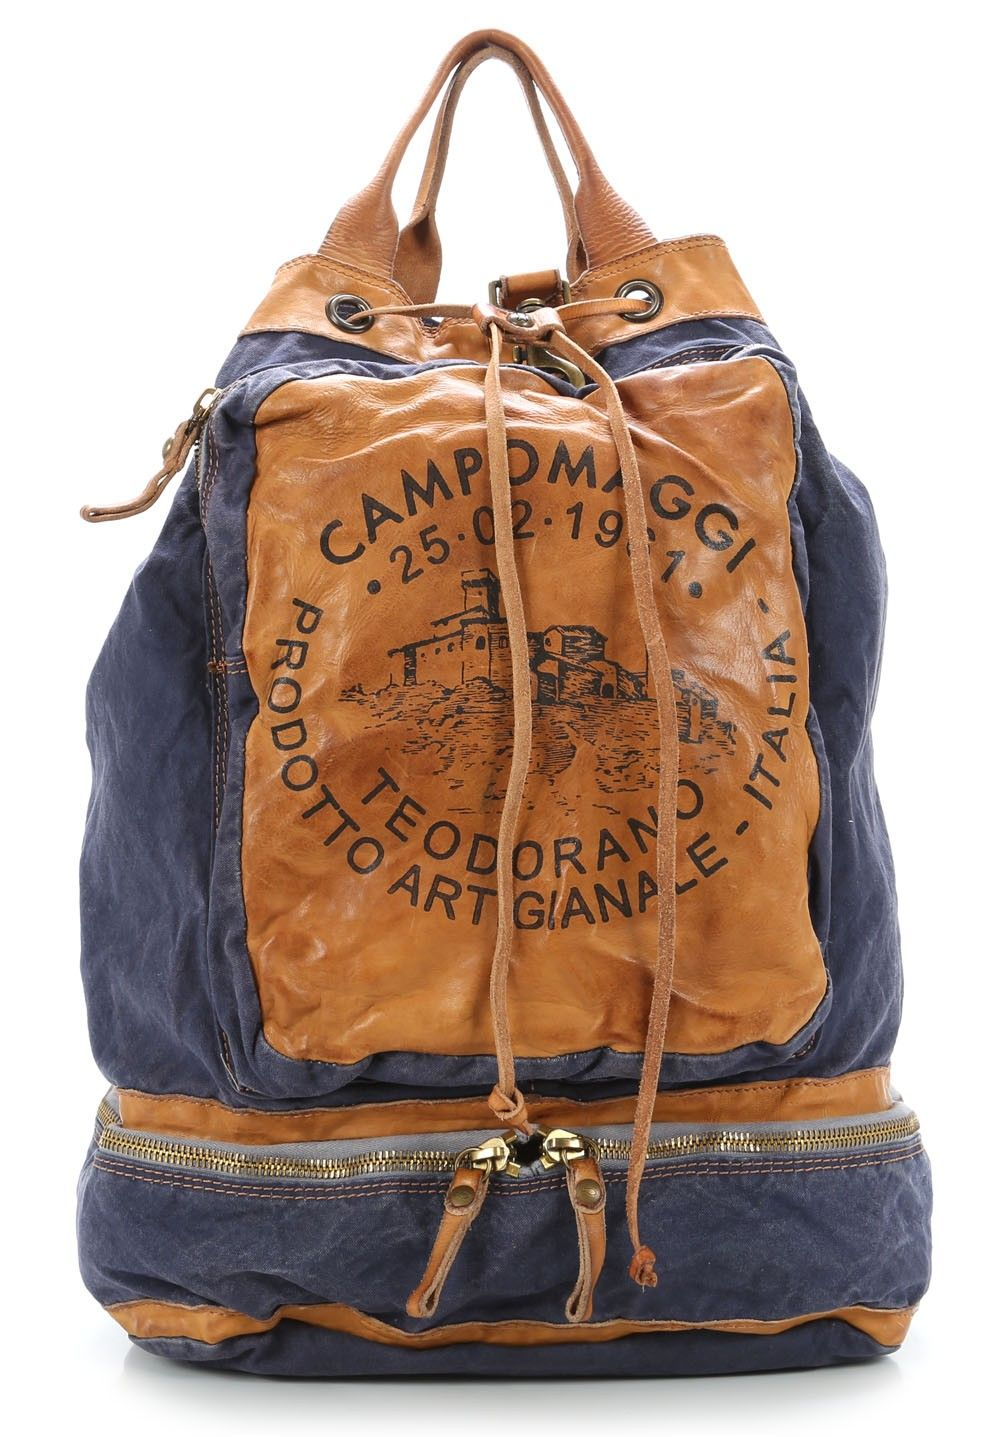 Die 358 besten Bilder von bags | Taschen, Leder und Taschen